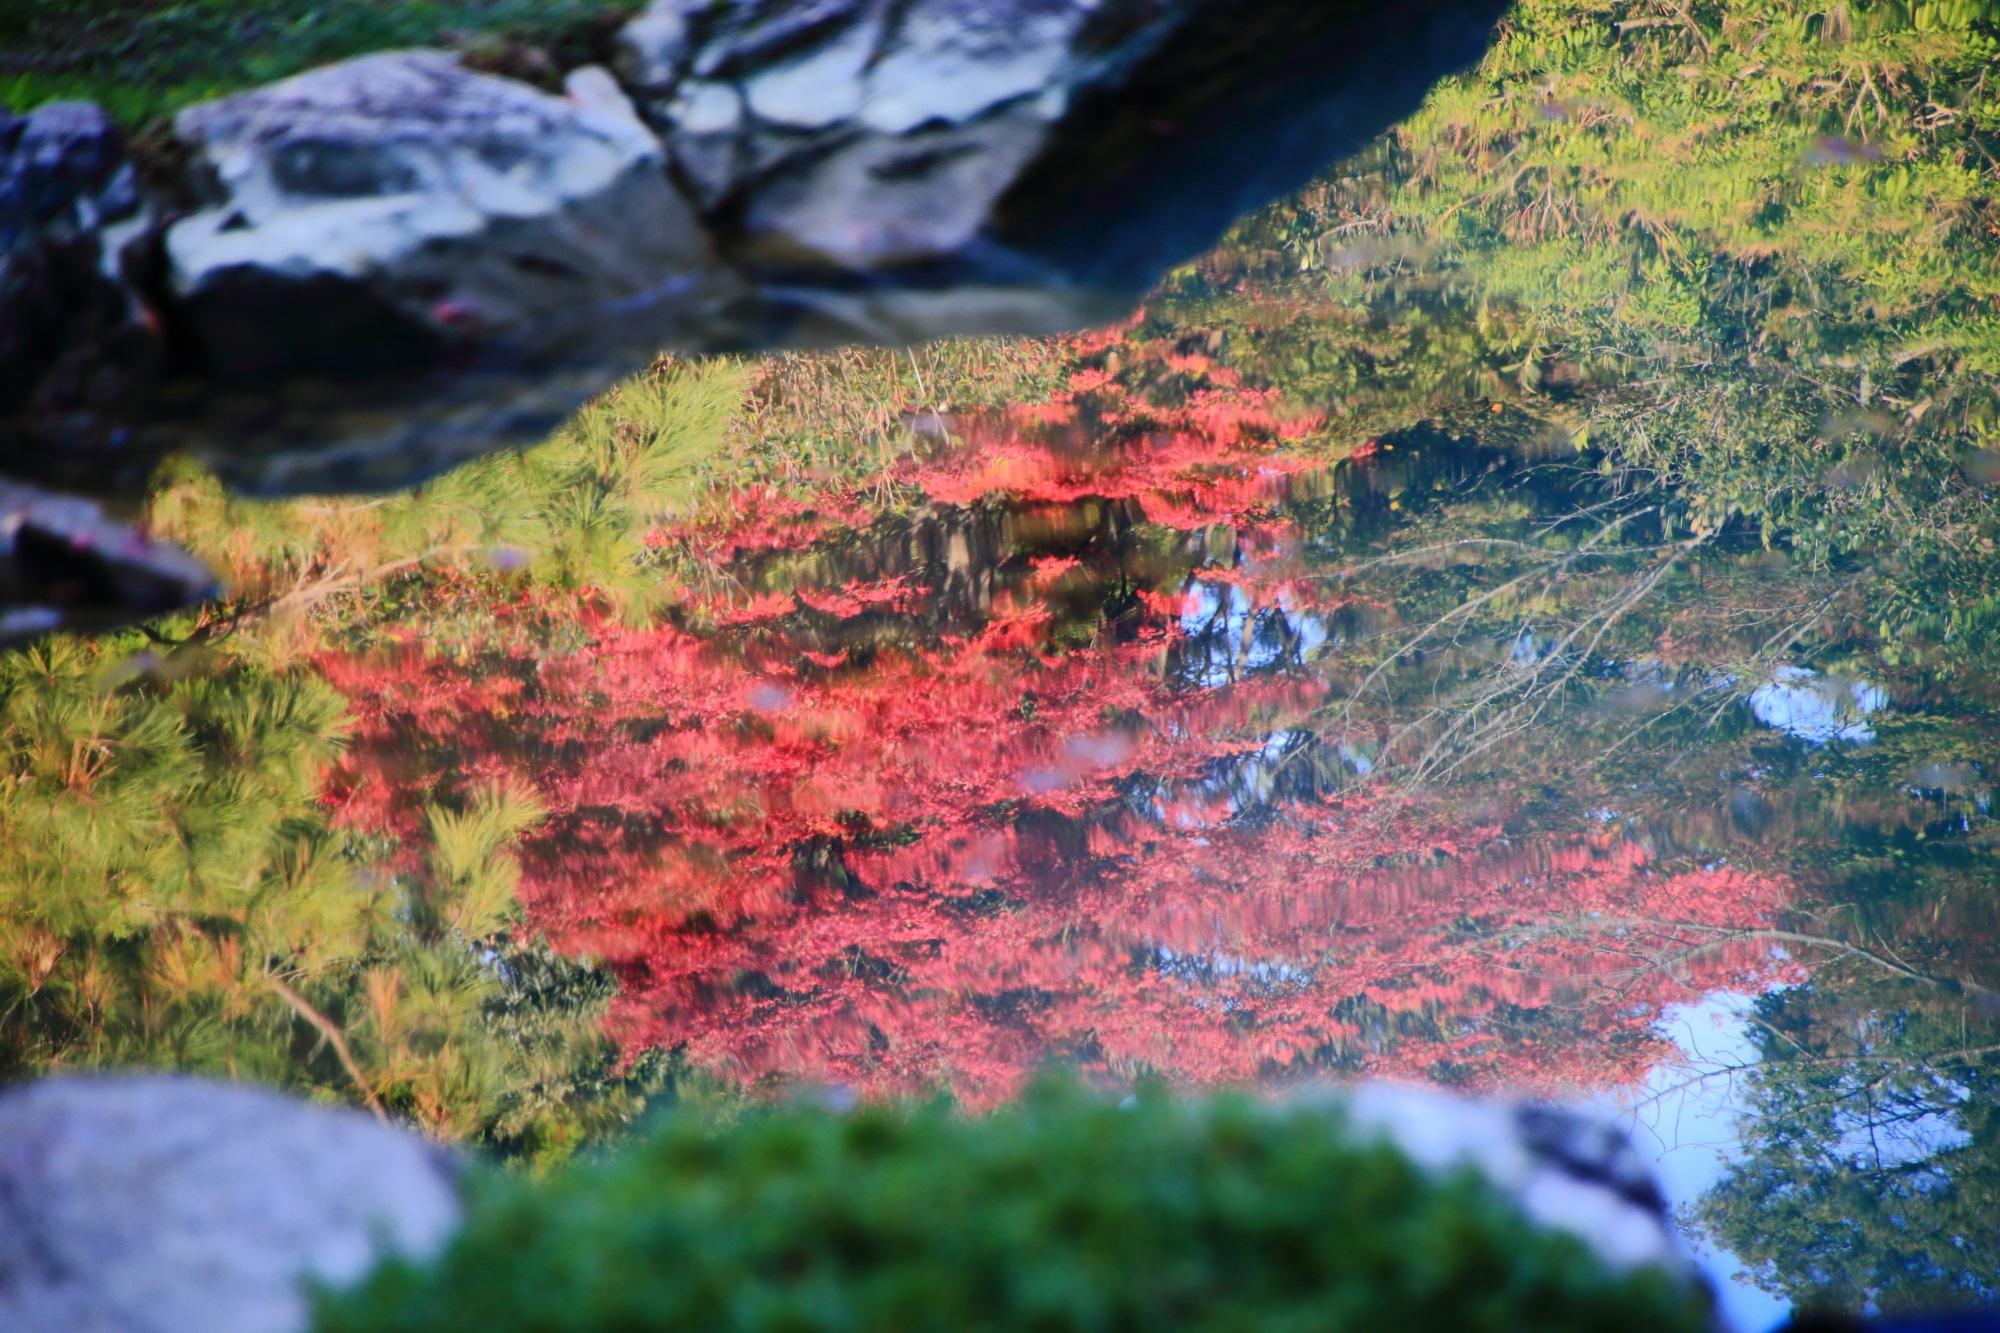 青蓮院の龍心池の美しい紅葉の水鏡